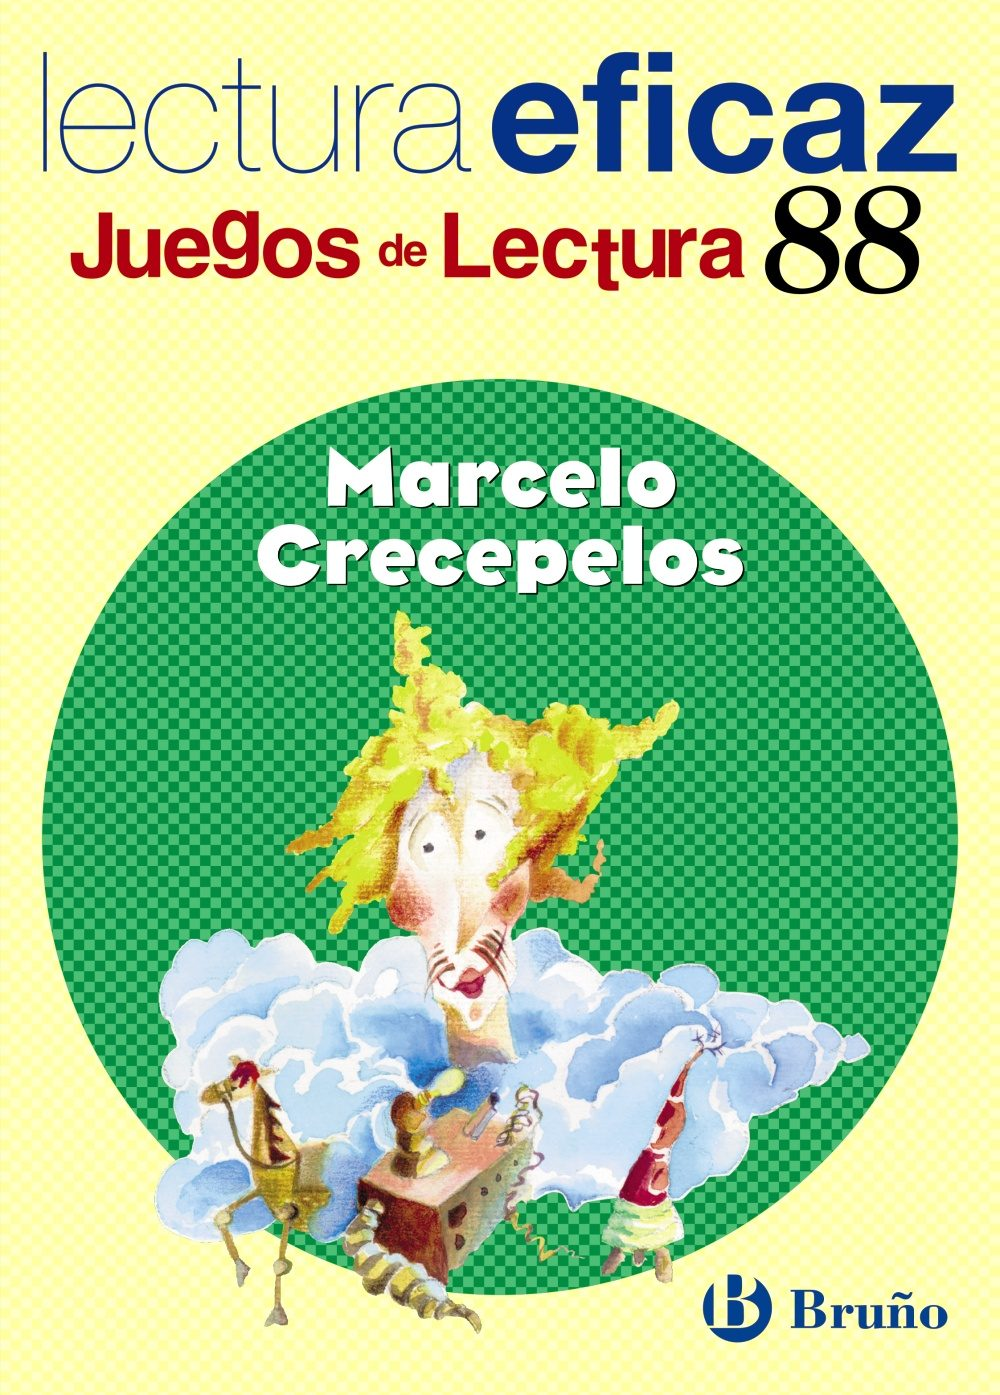 Lectura Eficaz. Juegos De Lectura Nº 88: Marcelo Crecepelos por Angel Alonso Gracia;                                                                                                                                                                                                          Carlos Alvarez Alberdi